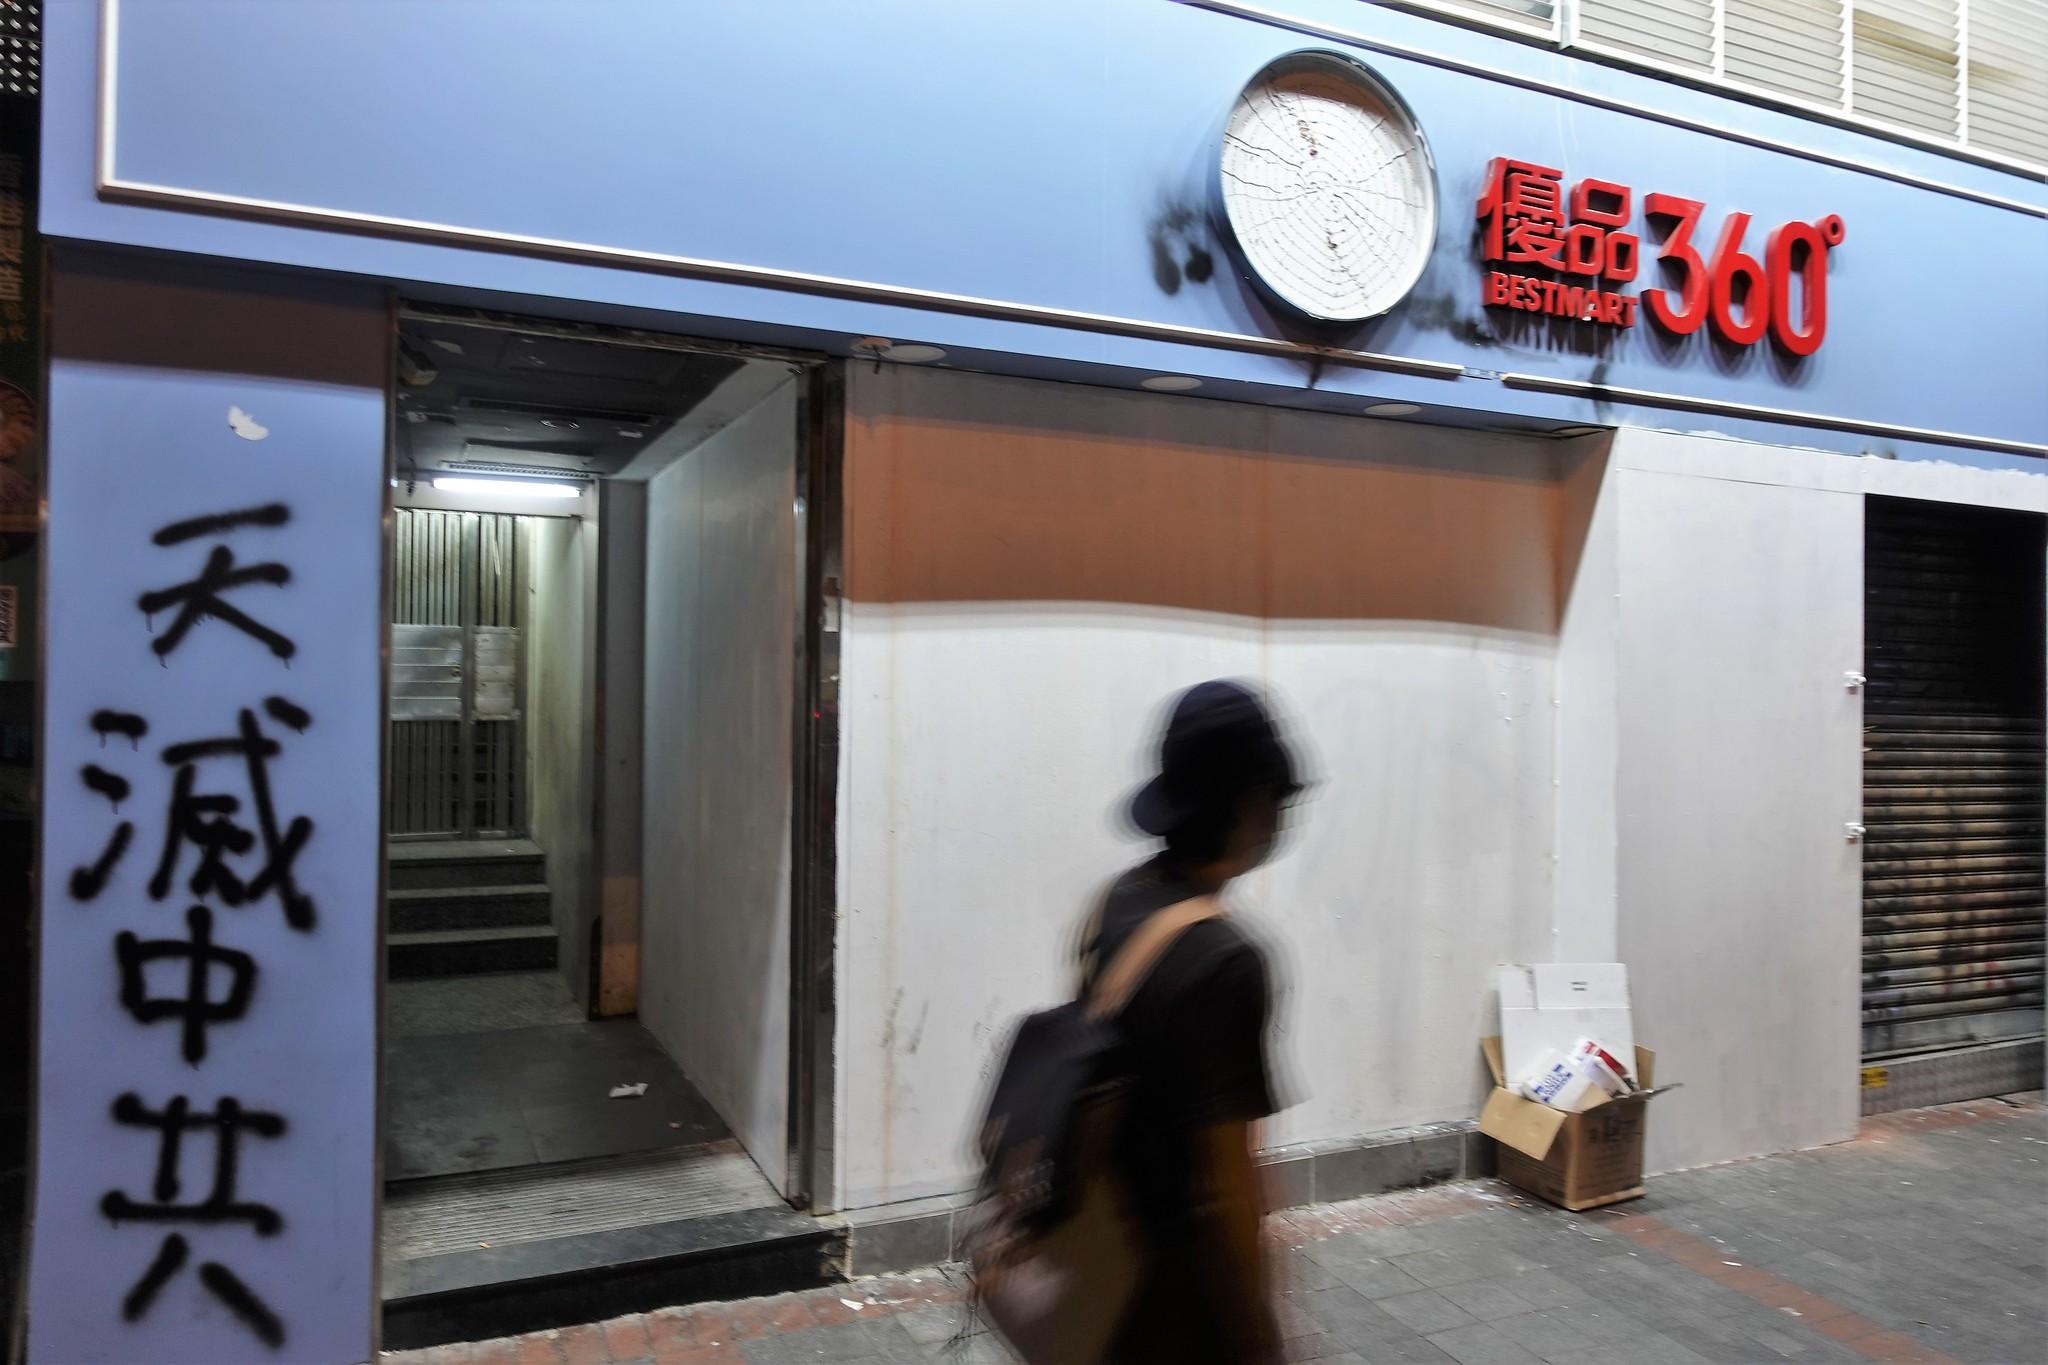 香港一家優品360店舖外被噴上「天滅中共」的塗鴉。(攝影:張智琦)